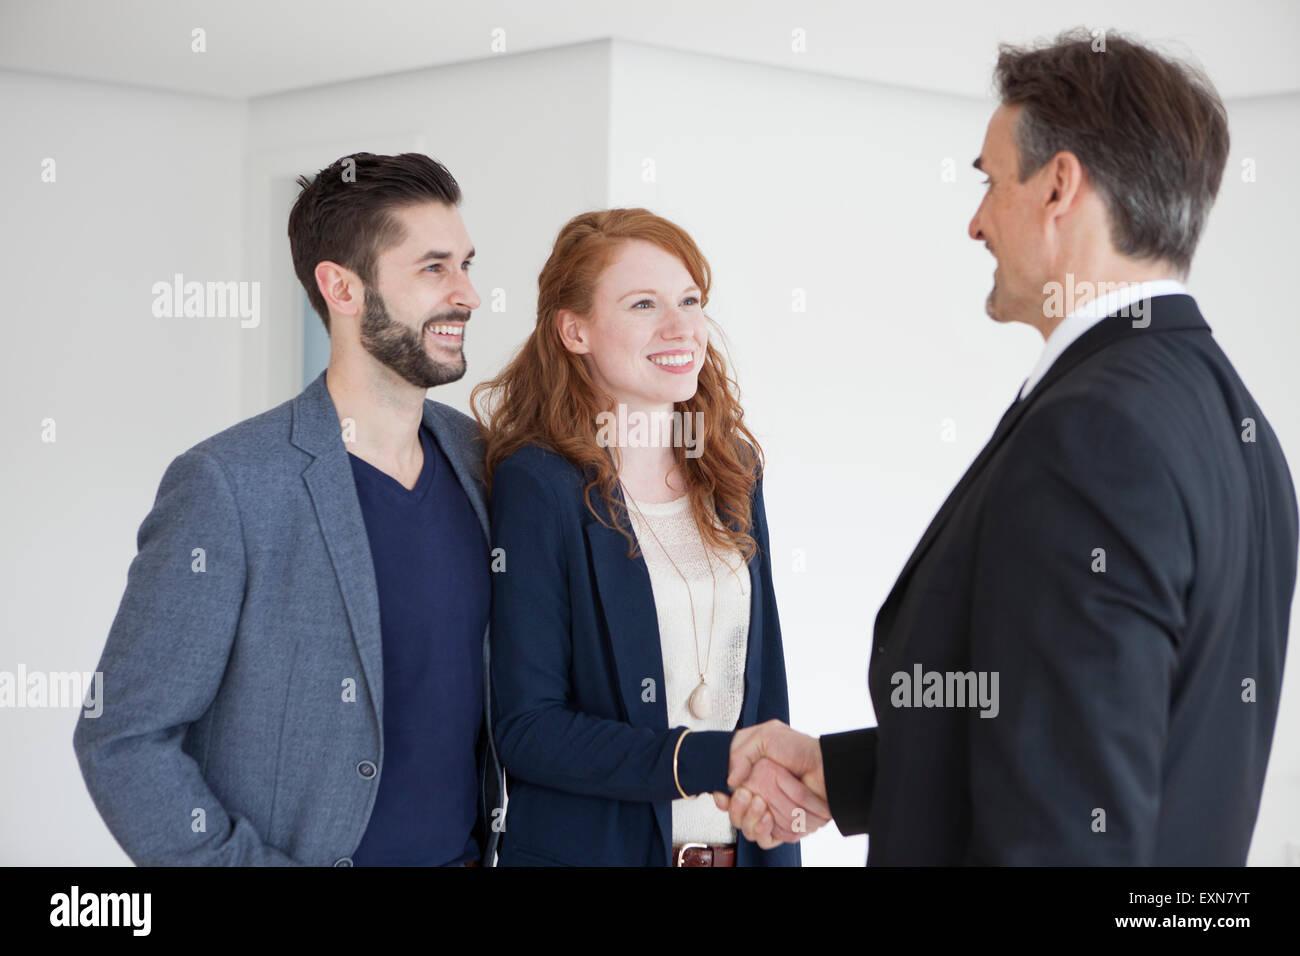 Coppia giovane visualizzazione piatta con agente immobiliare Immagini Stock